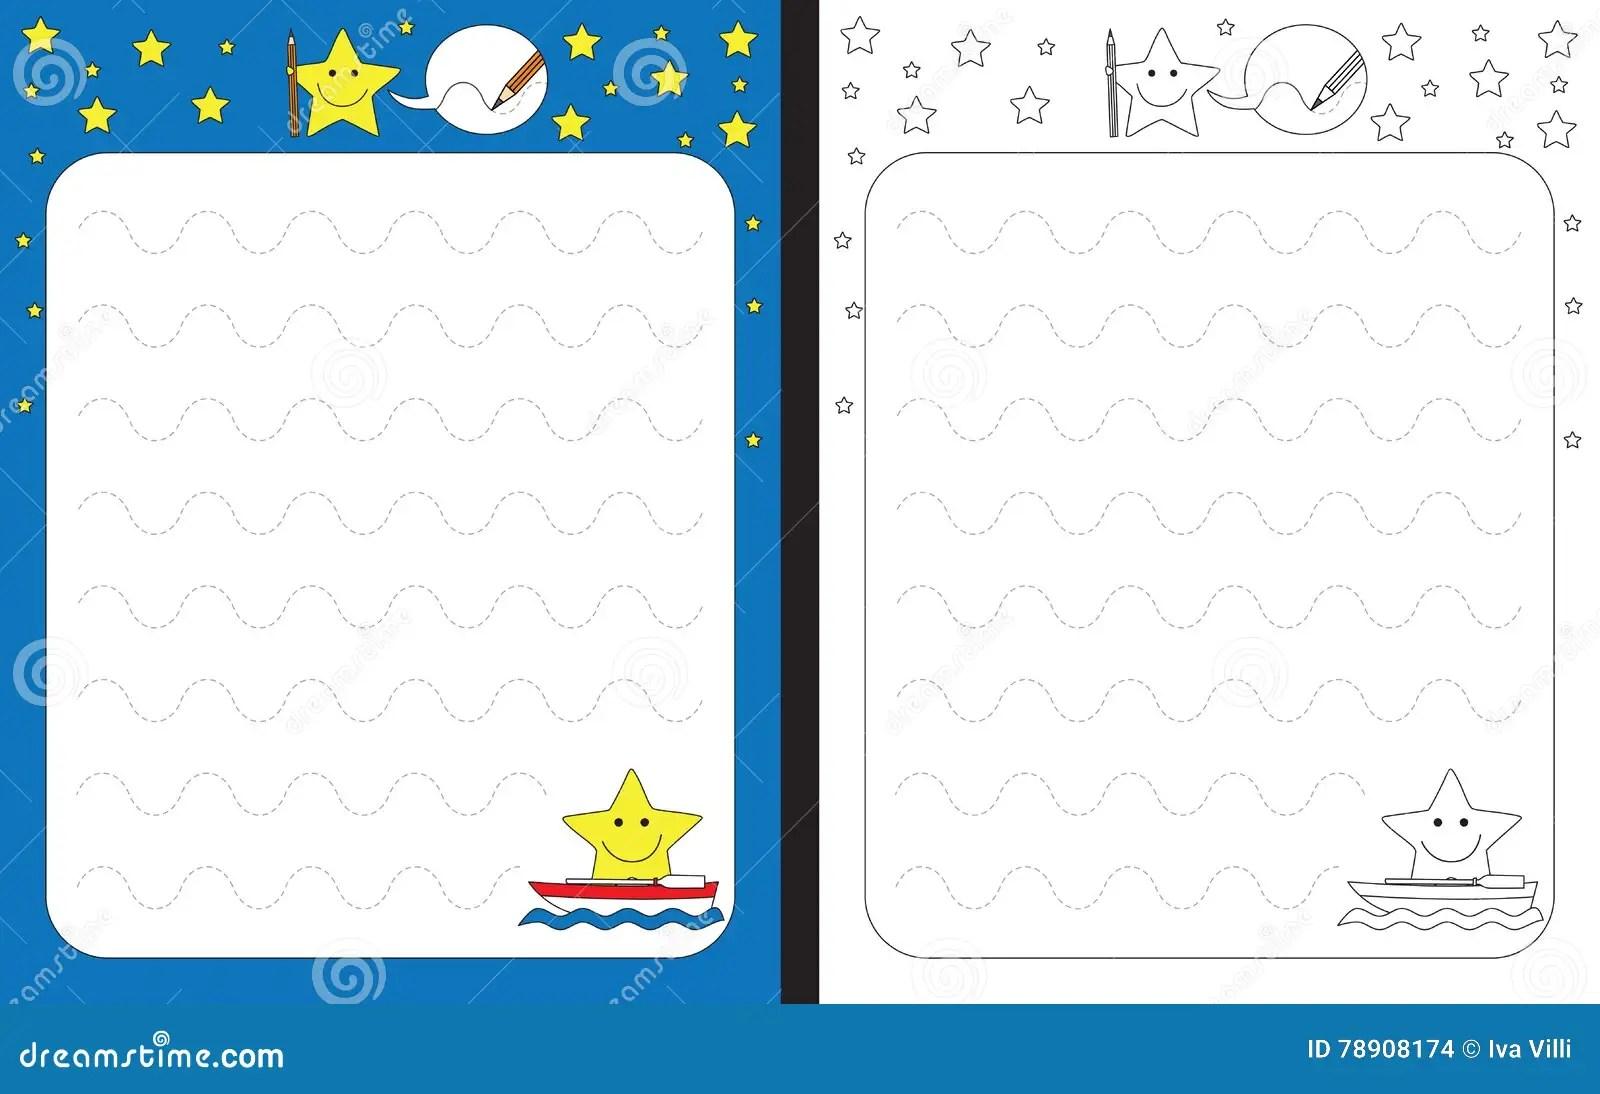 Preschool Worksheet Vector Illustration